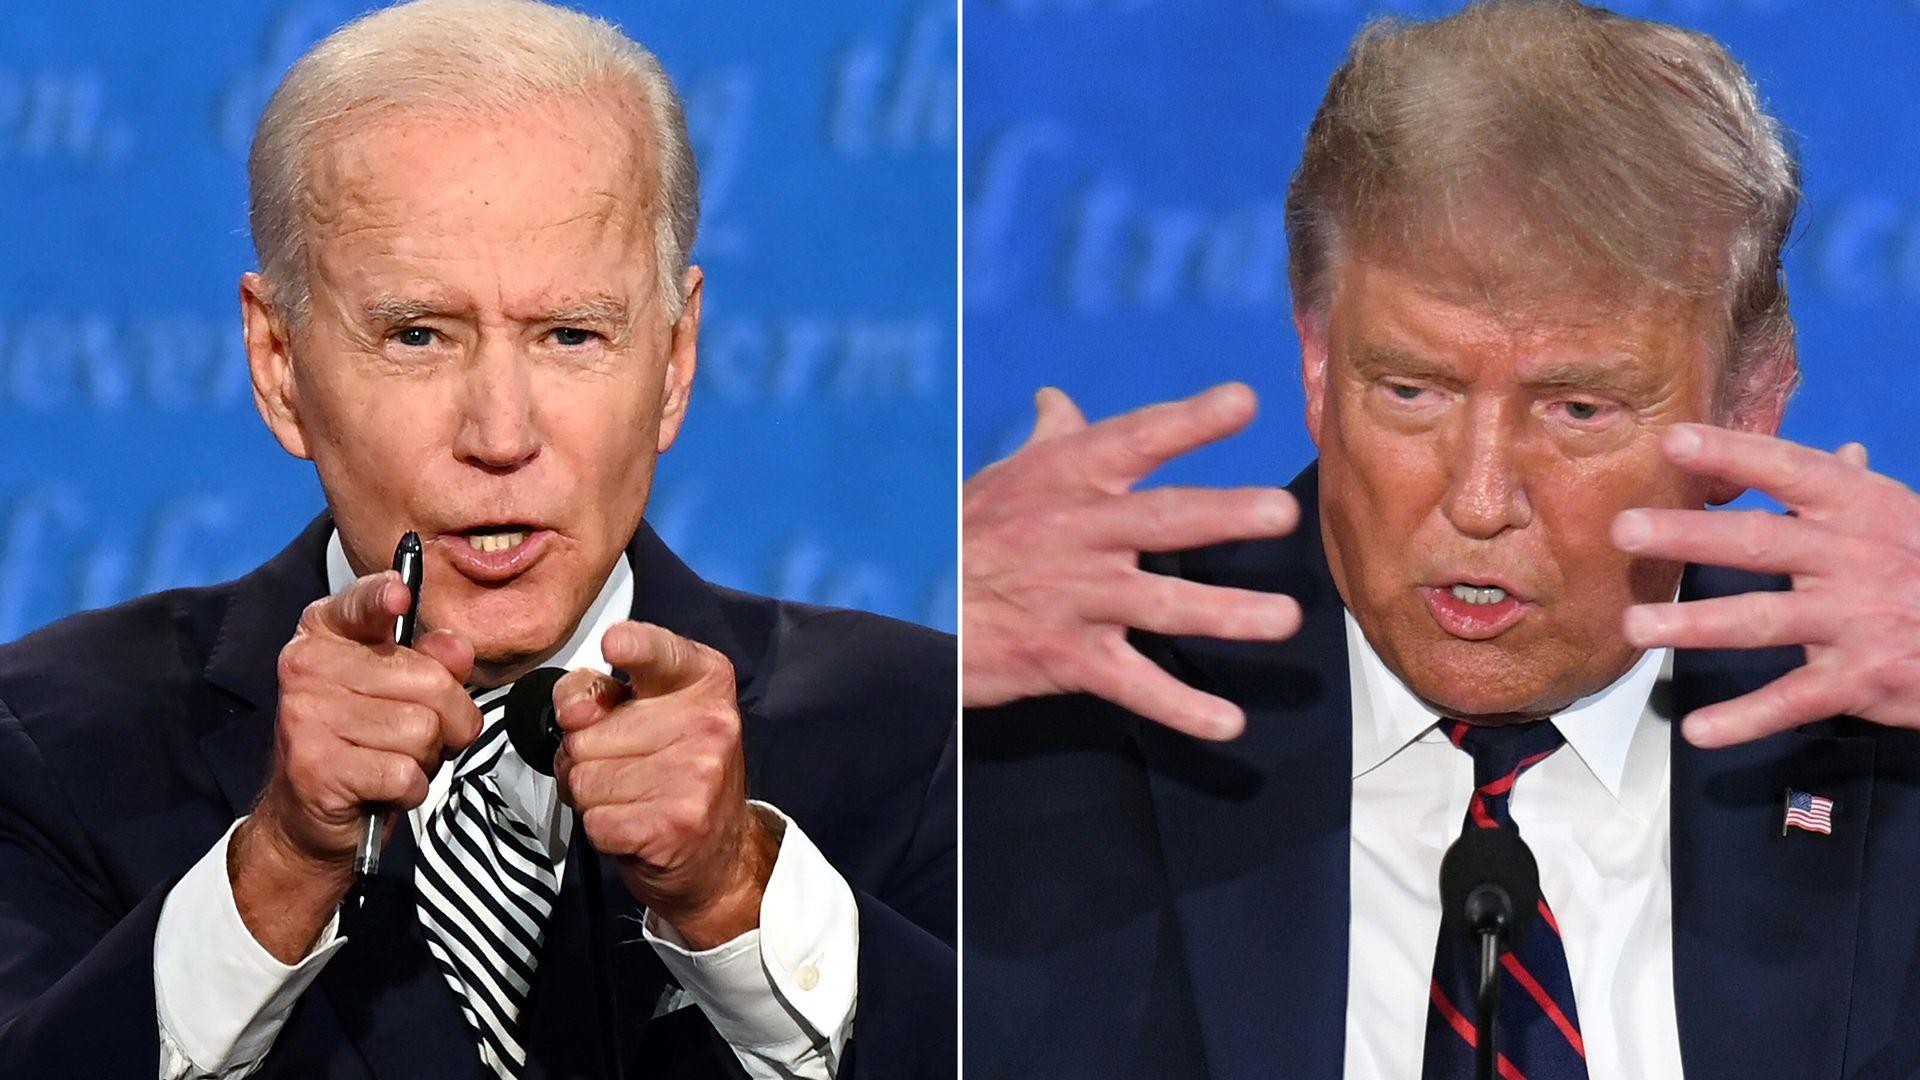 مناظره ریاستجمهوری آمریکا و ۱۲ نکته برای آموختن